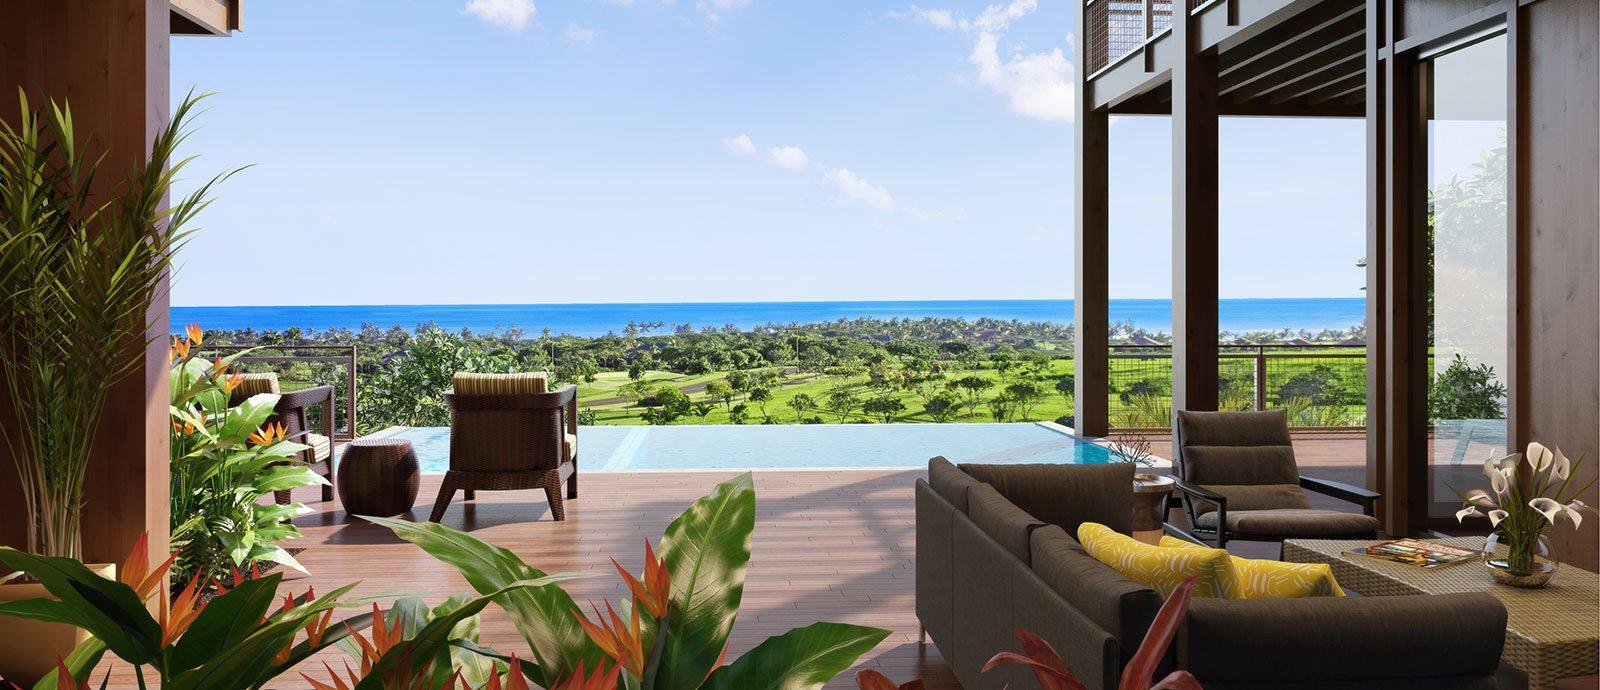 Ocean Views from Olson Kunding Custom Home #40 - Kukuiula Real Estate Kauai